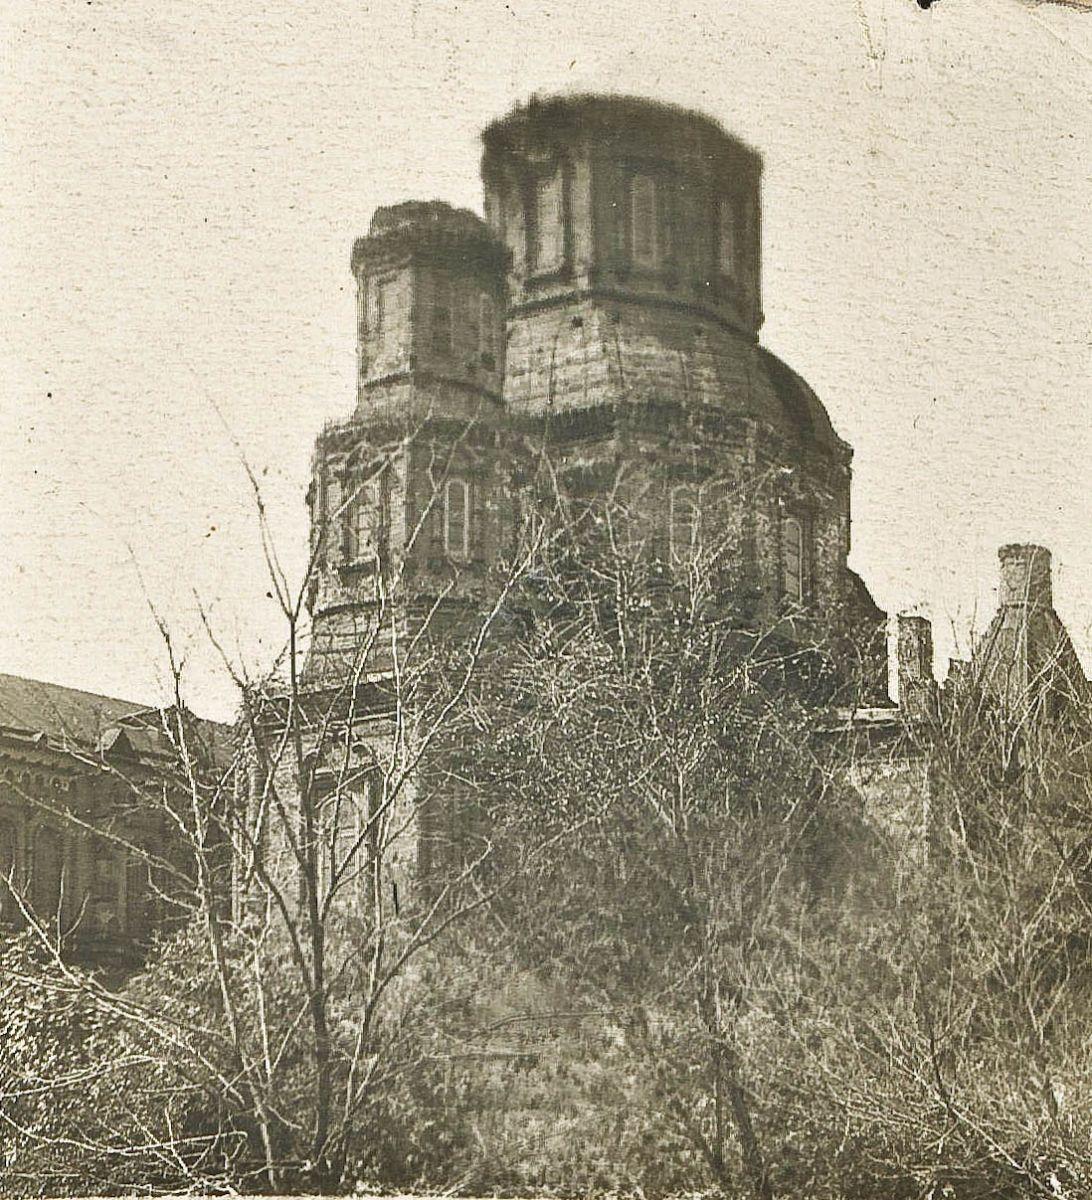 Ось у такому вигляді прийняв Покровський монастир о. Олександр наприкінці 1941-го. «Будівля доведена большевиками до загрозливого стану», — значиться в акті обстеження